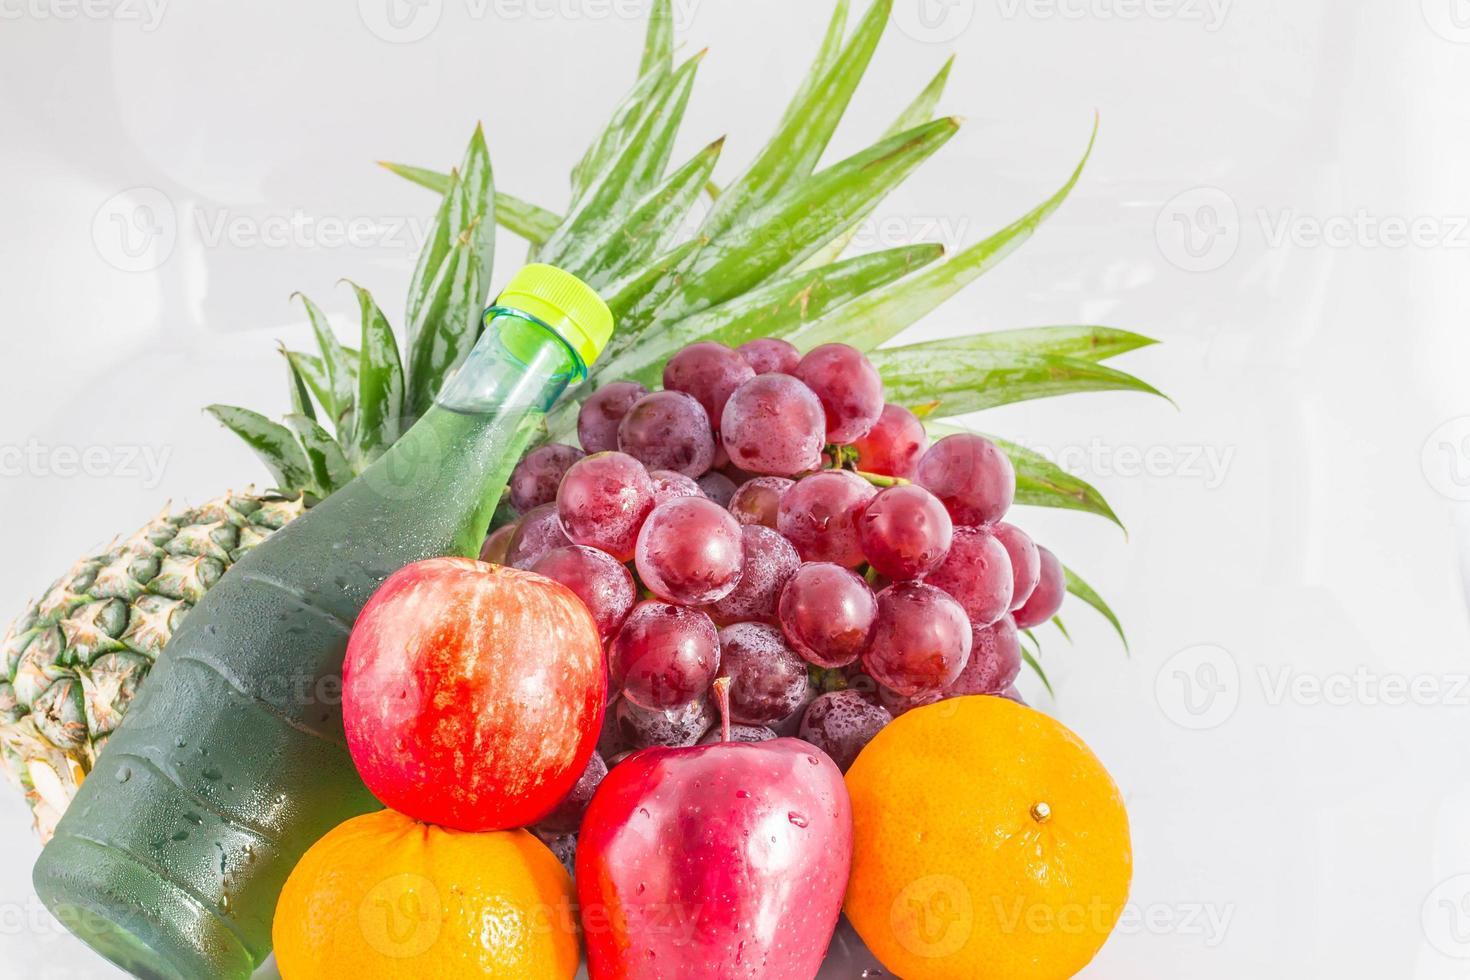 verschiedene Früchte mit Hintergrund. foto